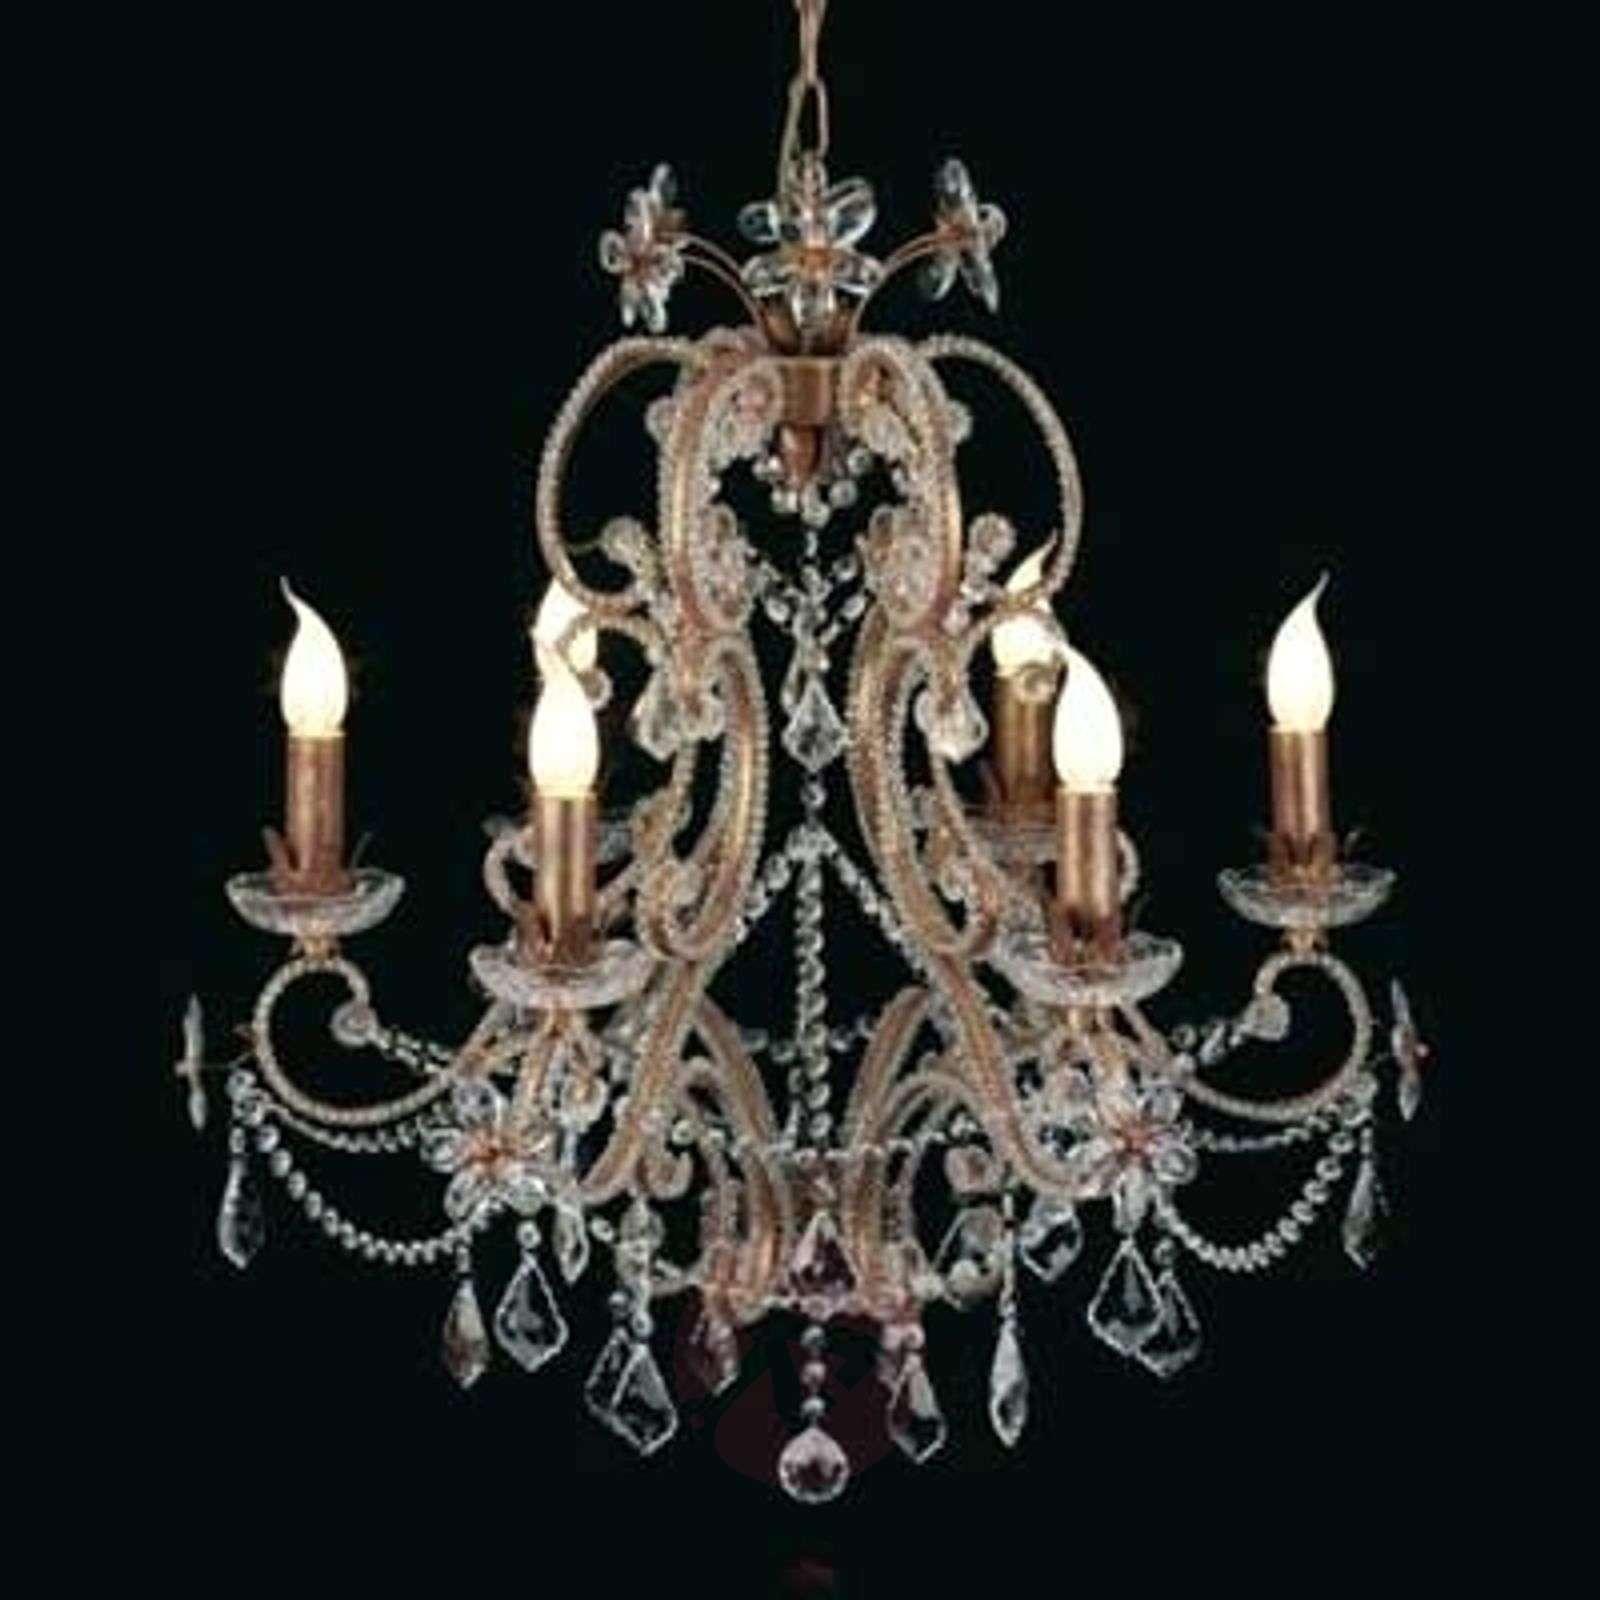 BENETTA chandelier, rich in details-1032222-01